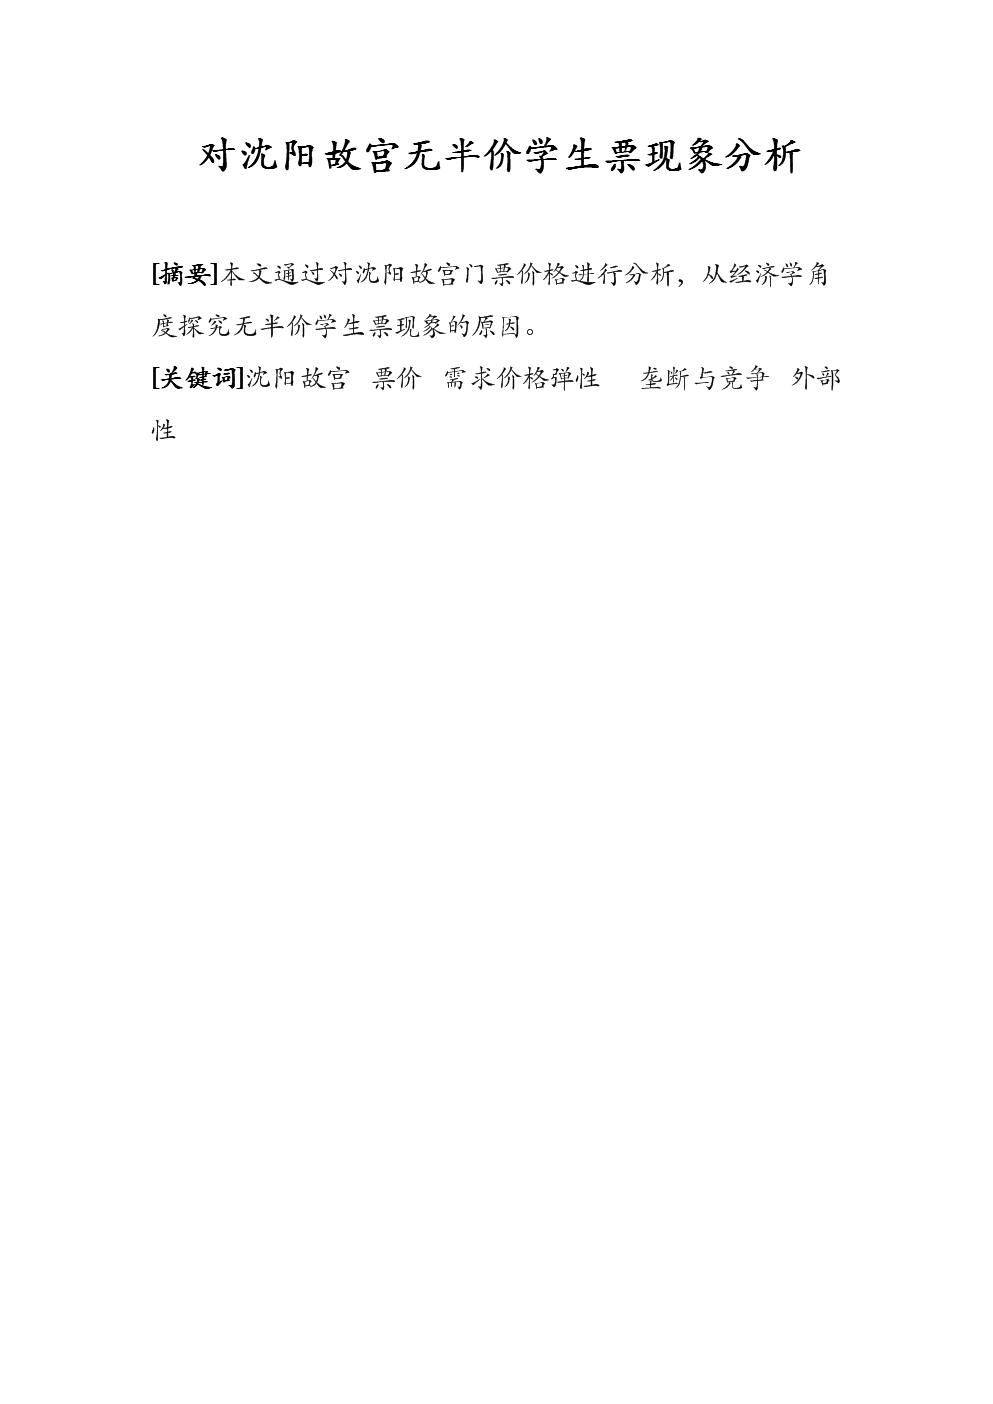 【經濟學小論文】對沈陽故宮無半價學生票現象分析.doc